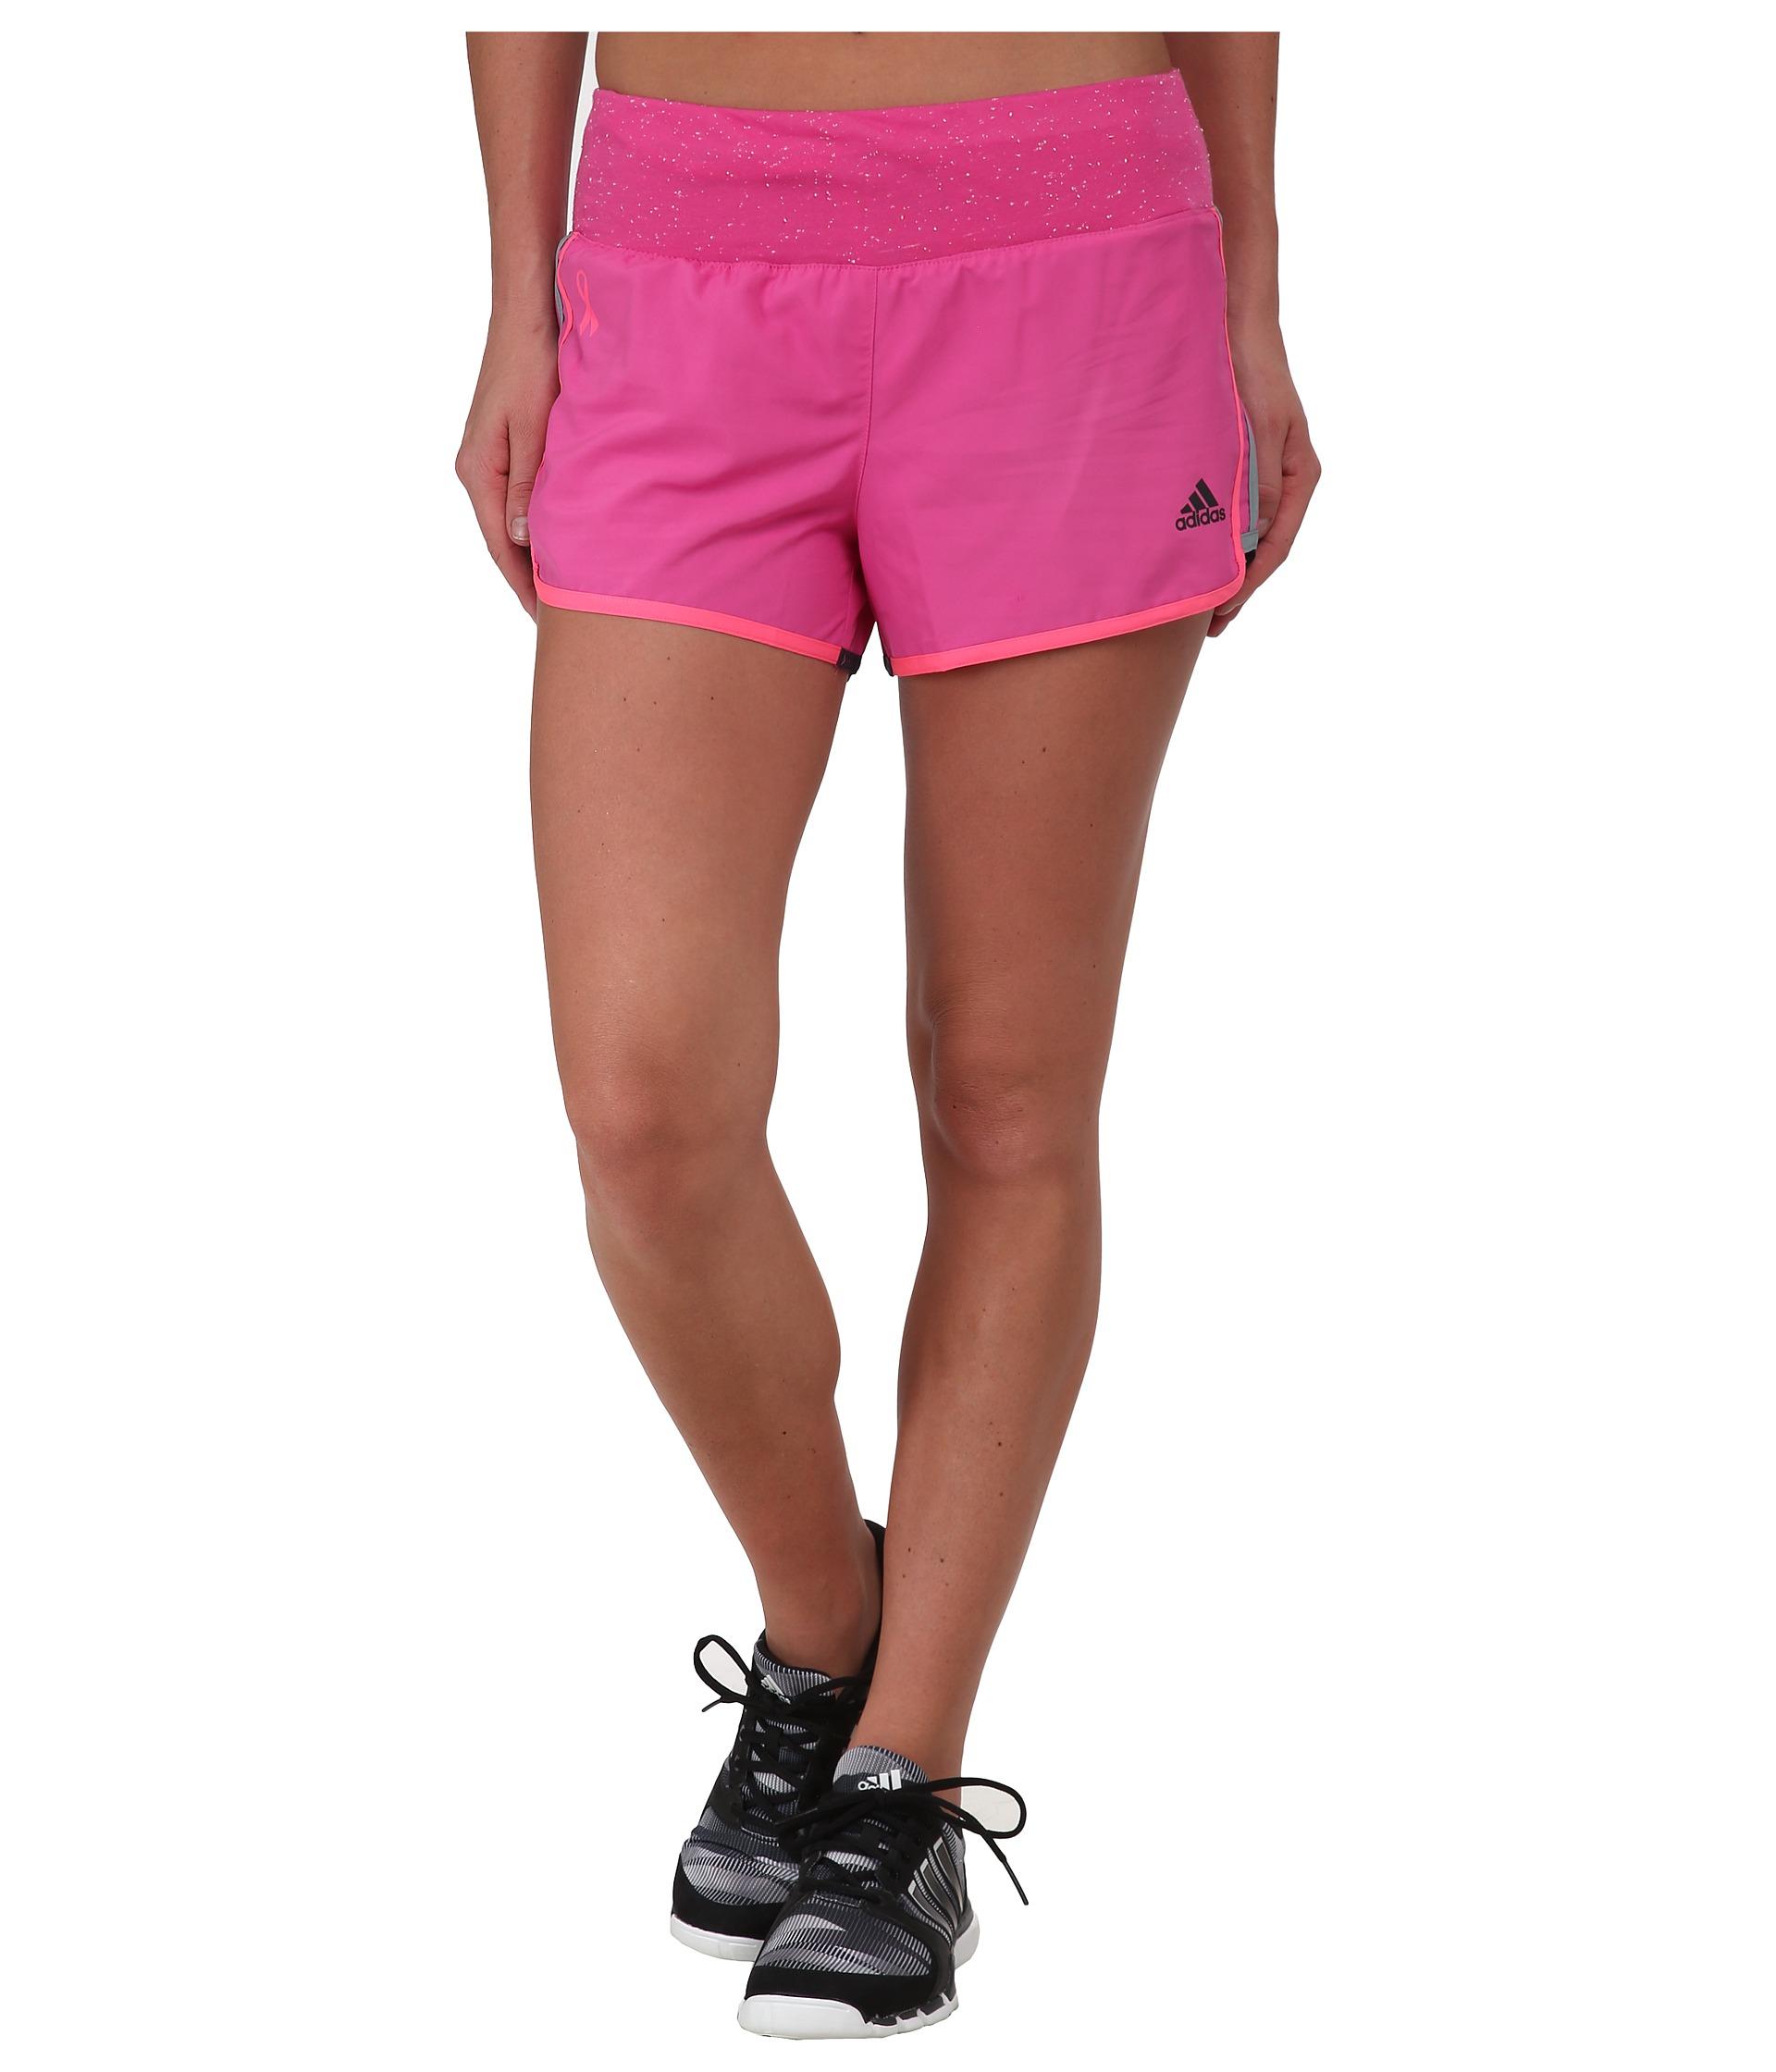 adidas AKTIV M10 Shorts - Pink Ribbon Intense Pink Women's Running Shorts 8547698